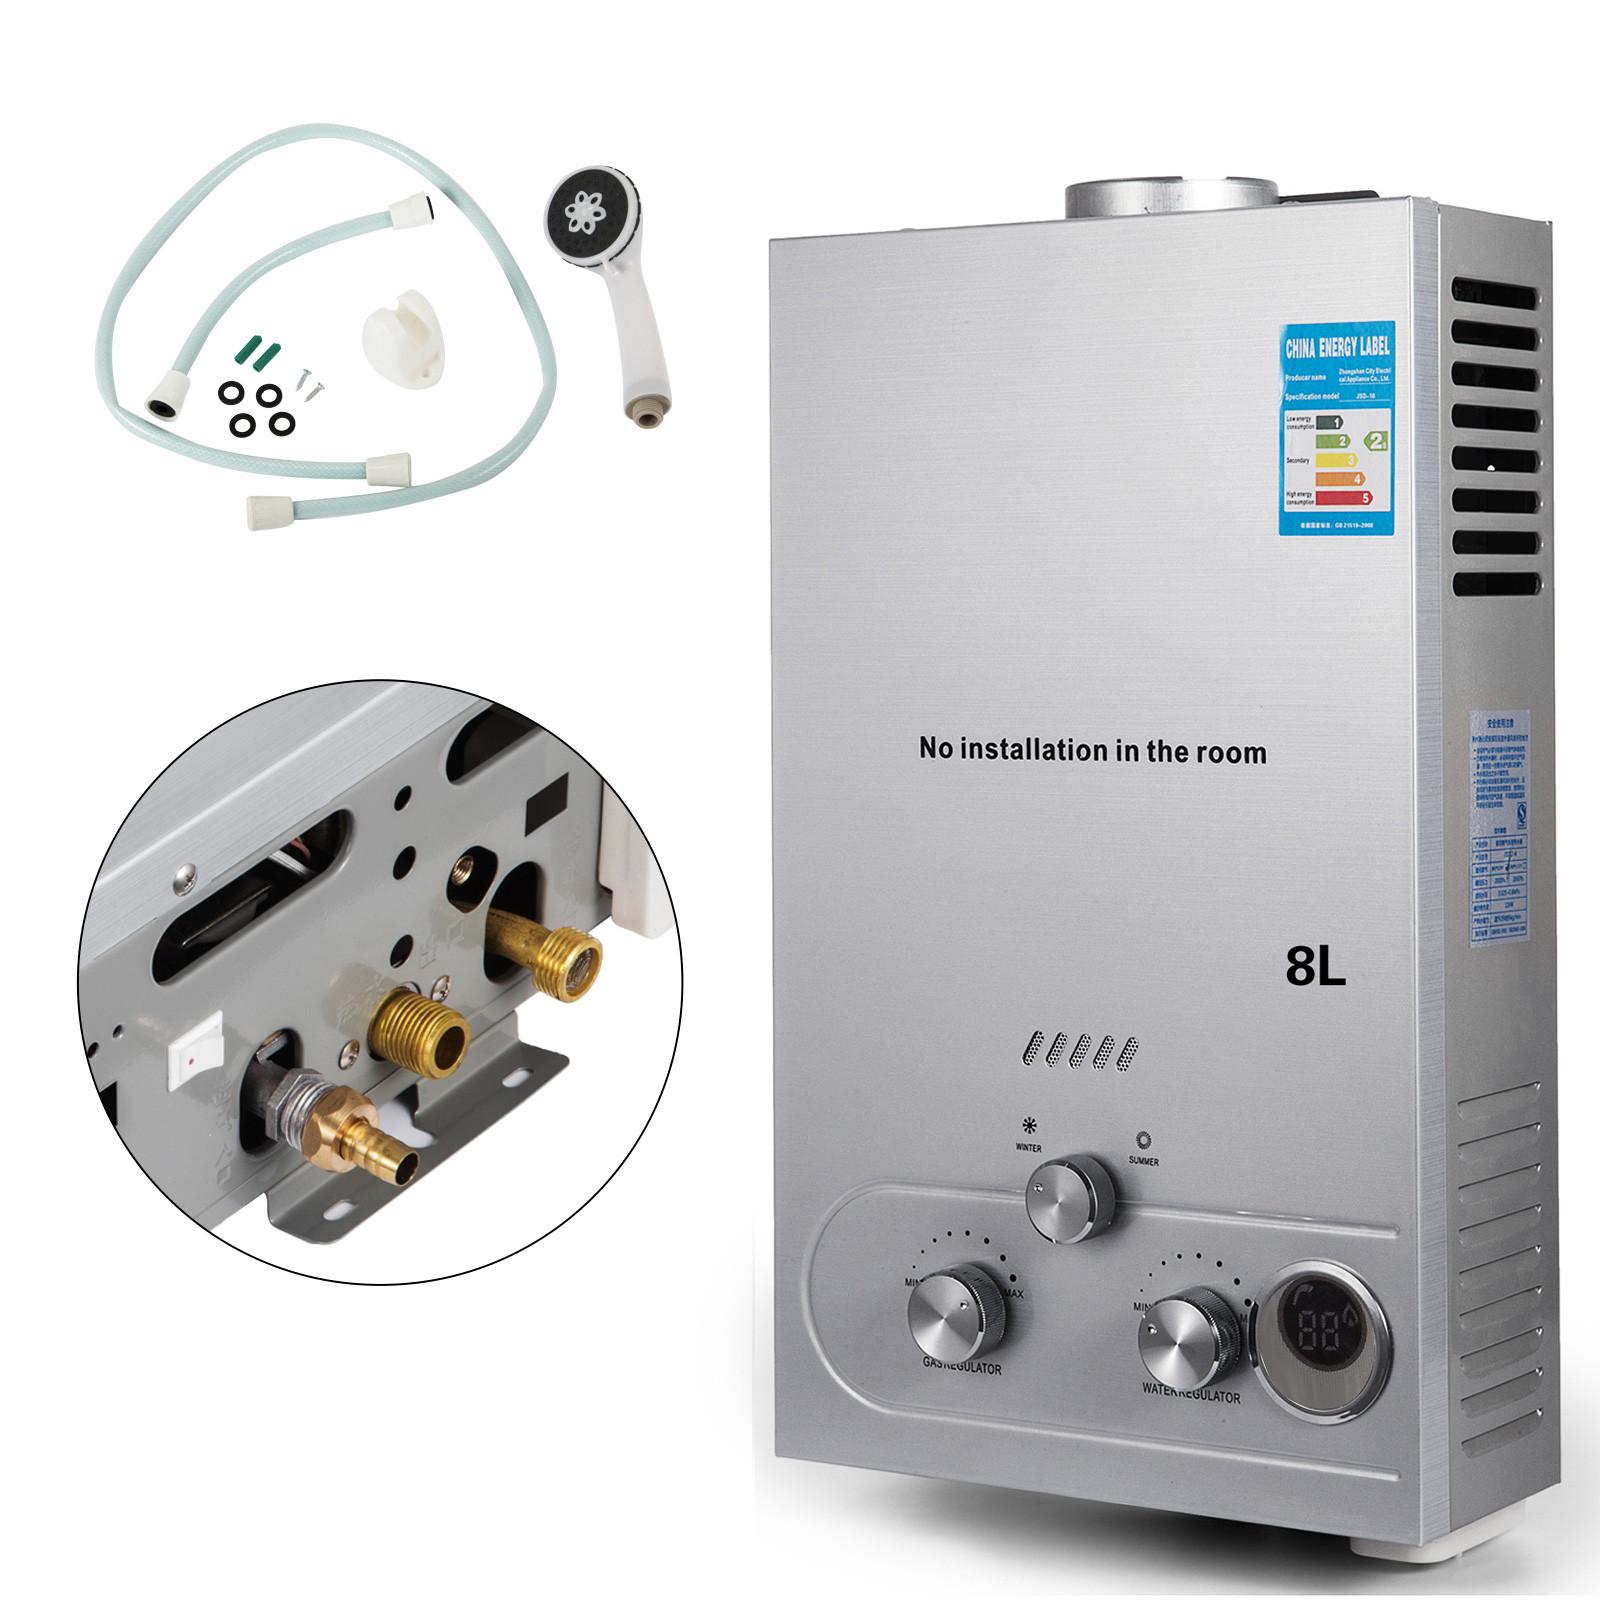 Propangas-Gas-Durchlauferhitzer-Warmwasserbereiter-Boiler-Warmwasserspeicher Indexbild 47